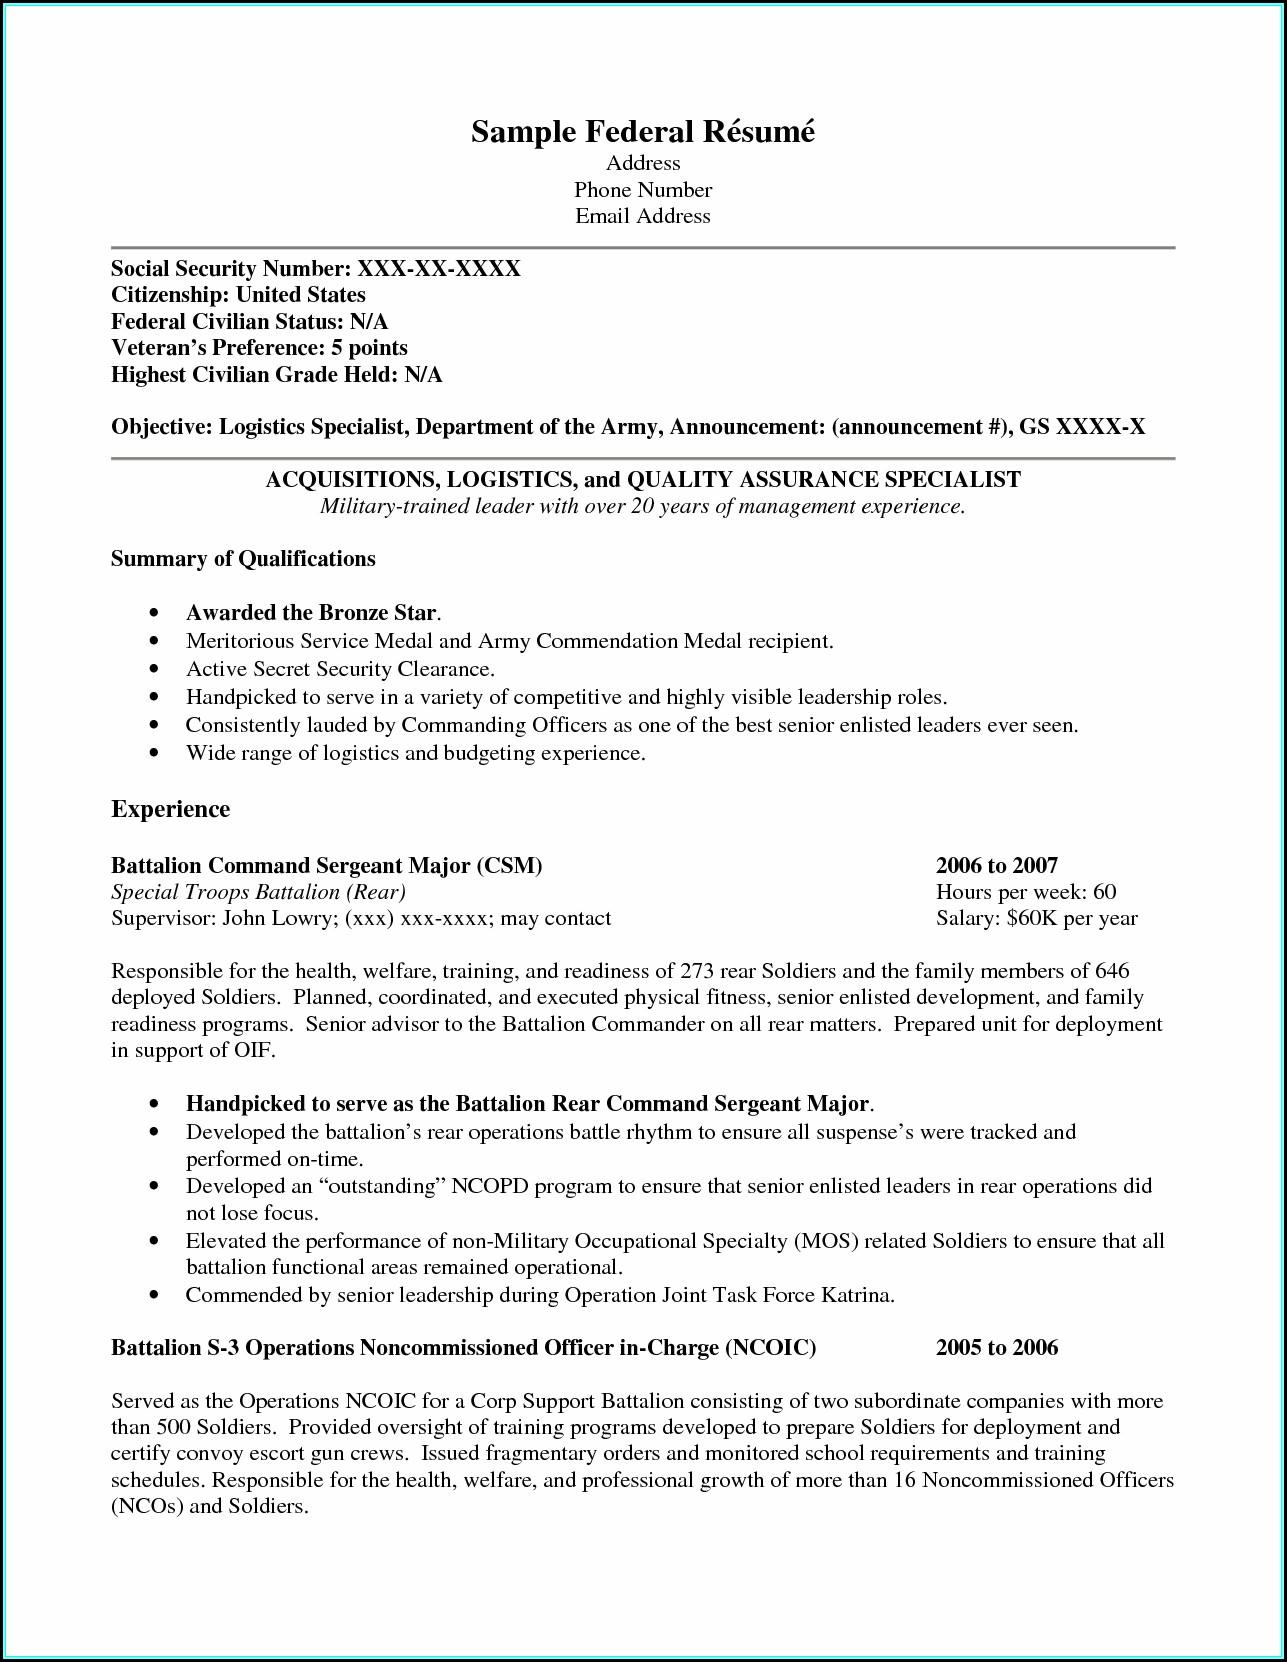 resume builder for vets